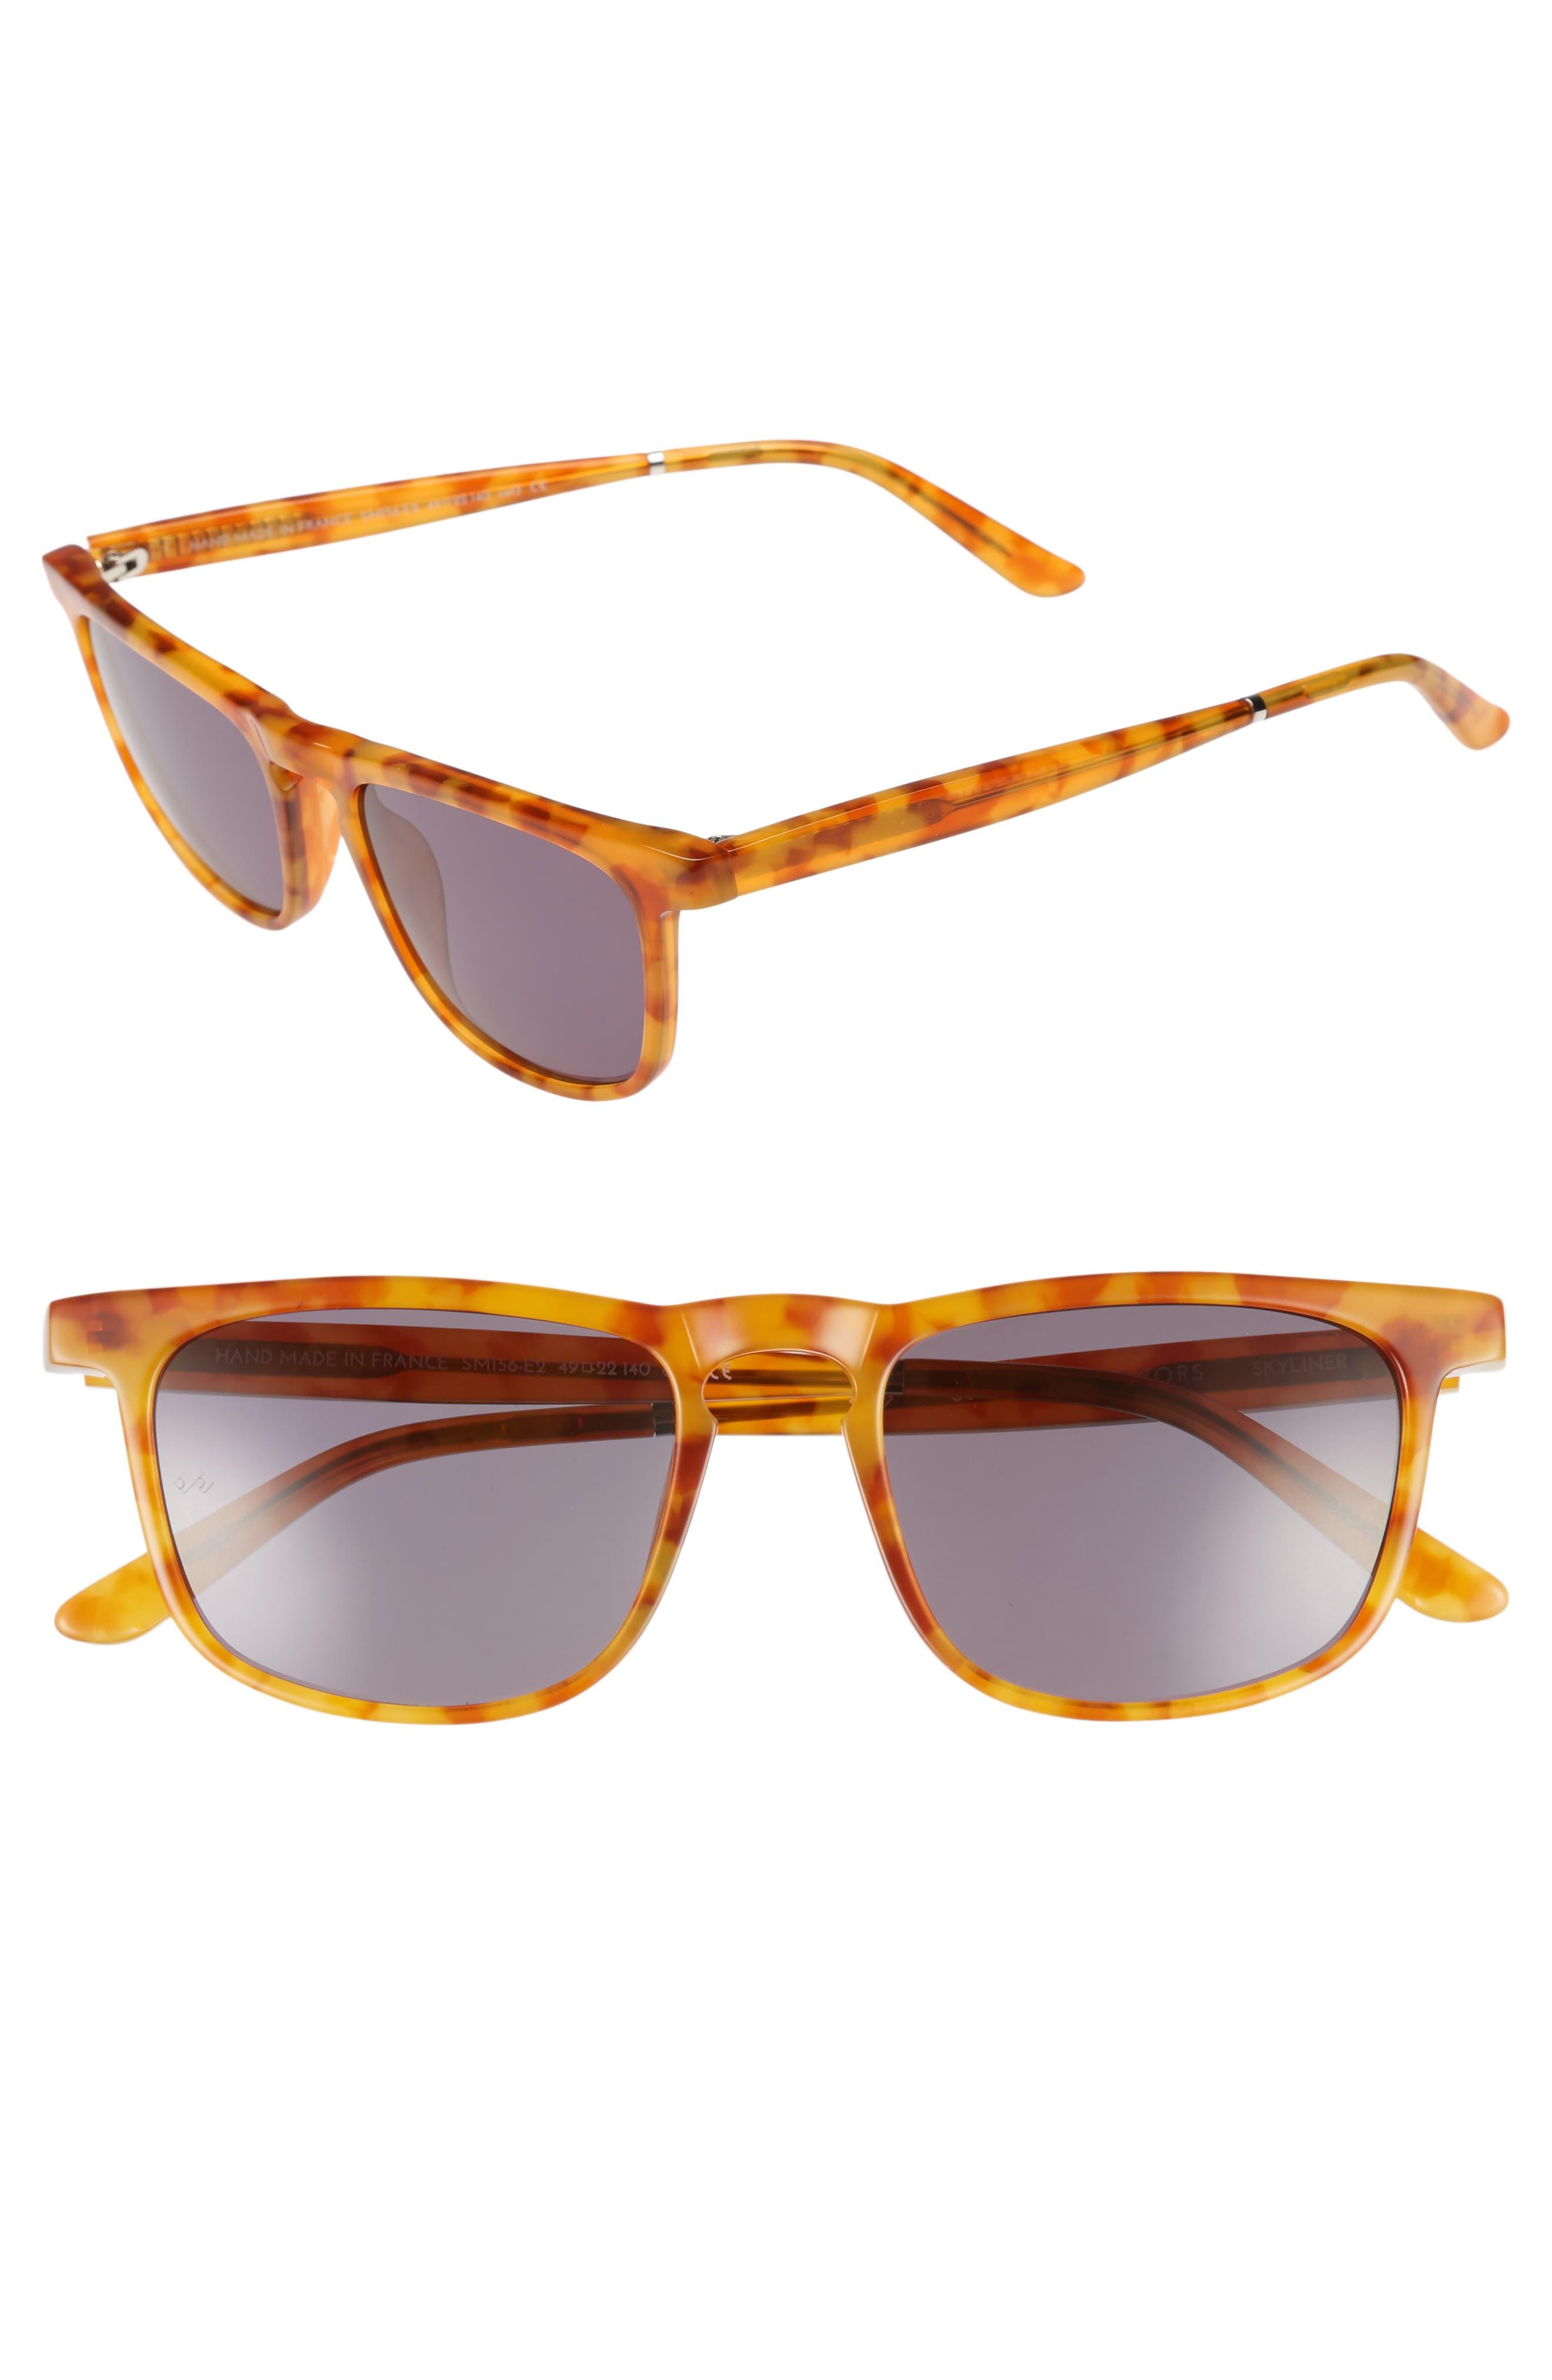 Skyliner 49mm Sunglasses,                         Main,                         color, Ginger Tortoise/ Green